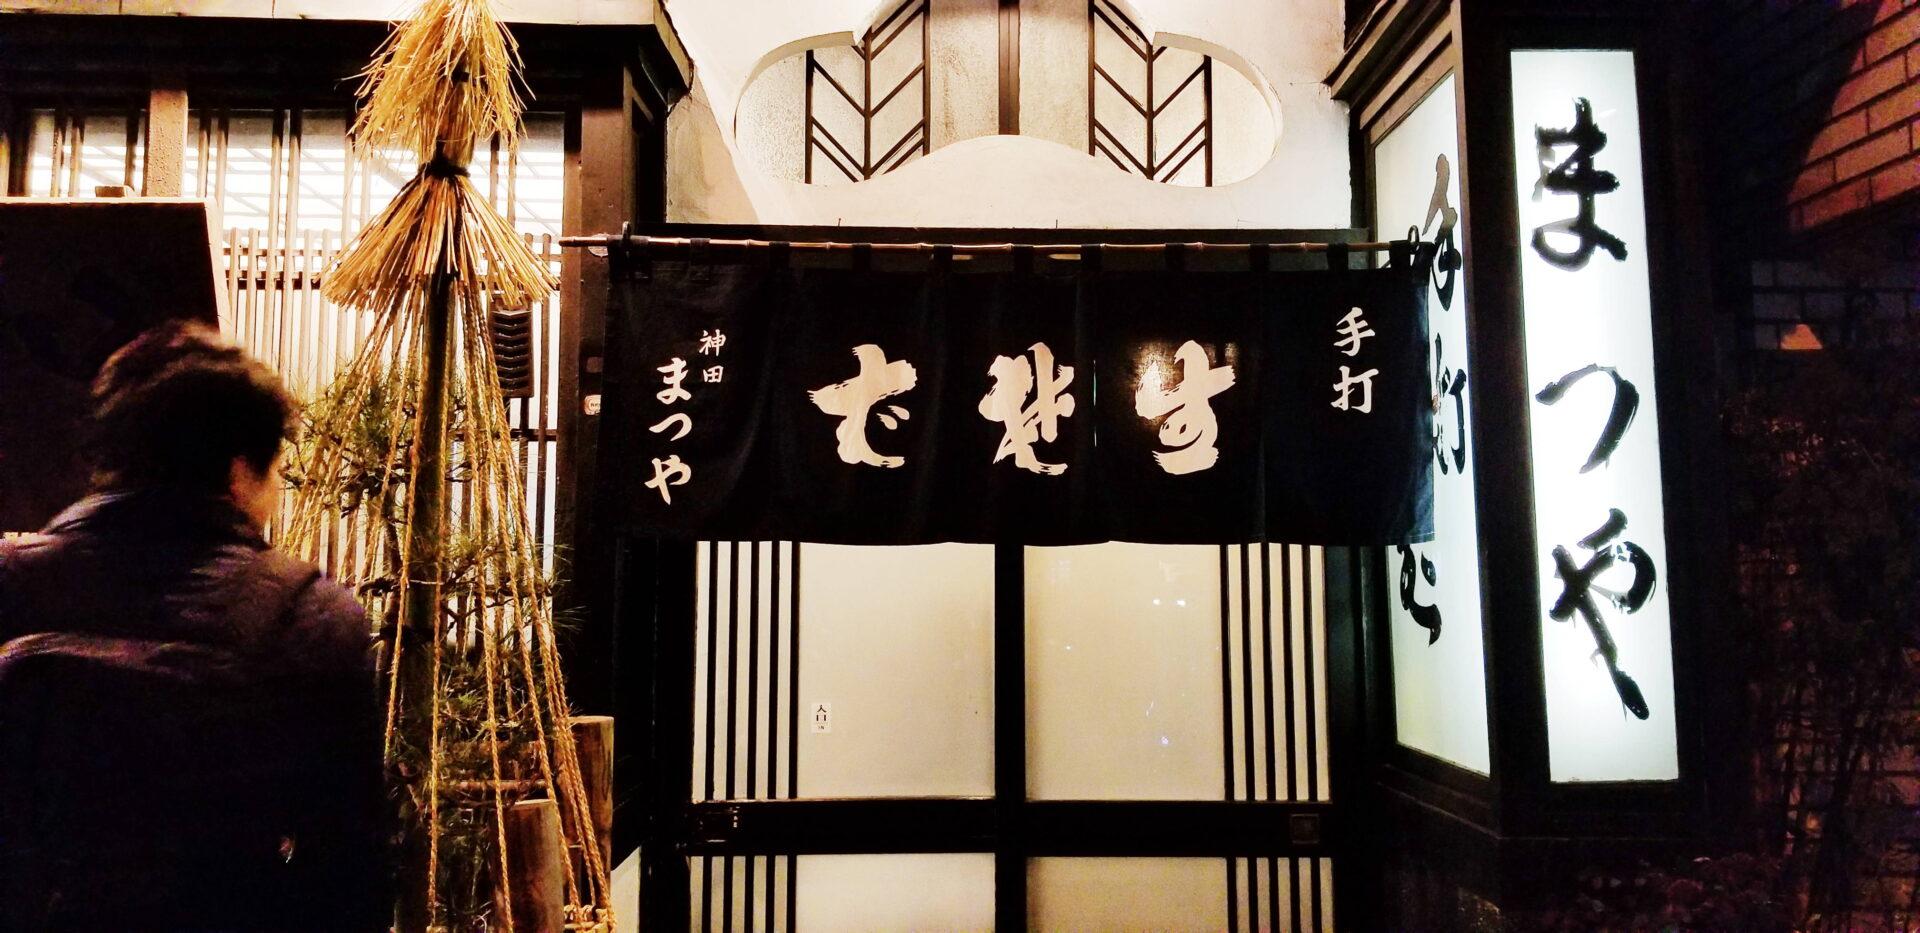 会社帰りは神田の老舗蕎麦屋まつやでサクッと一杯。都内在住サラリーマンの日常。